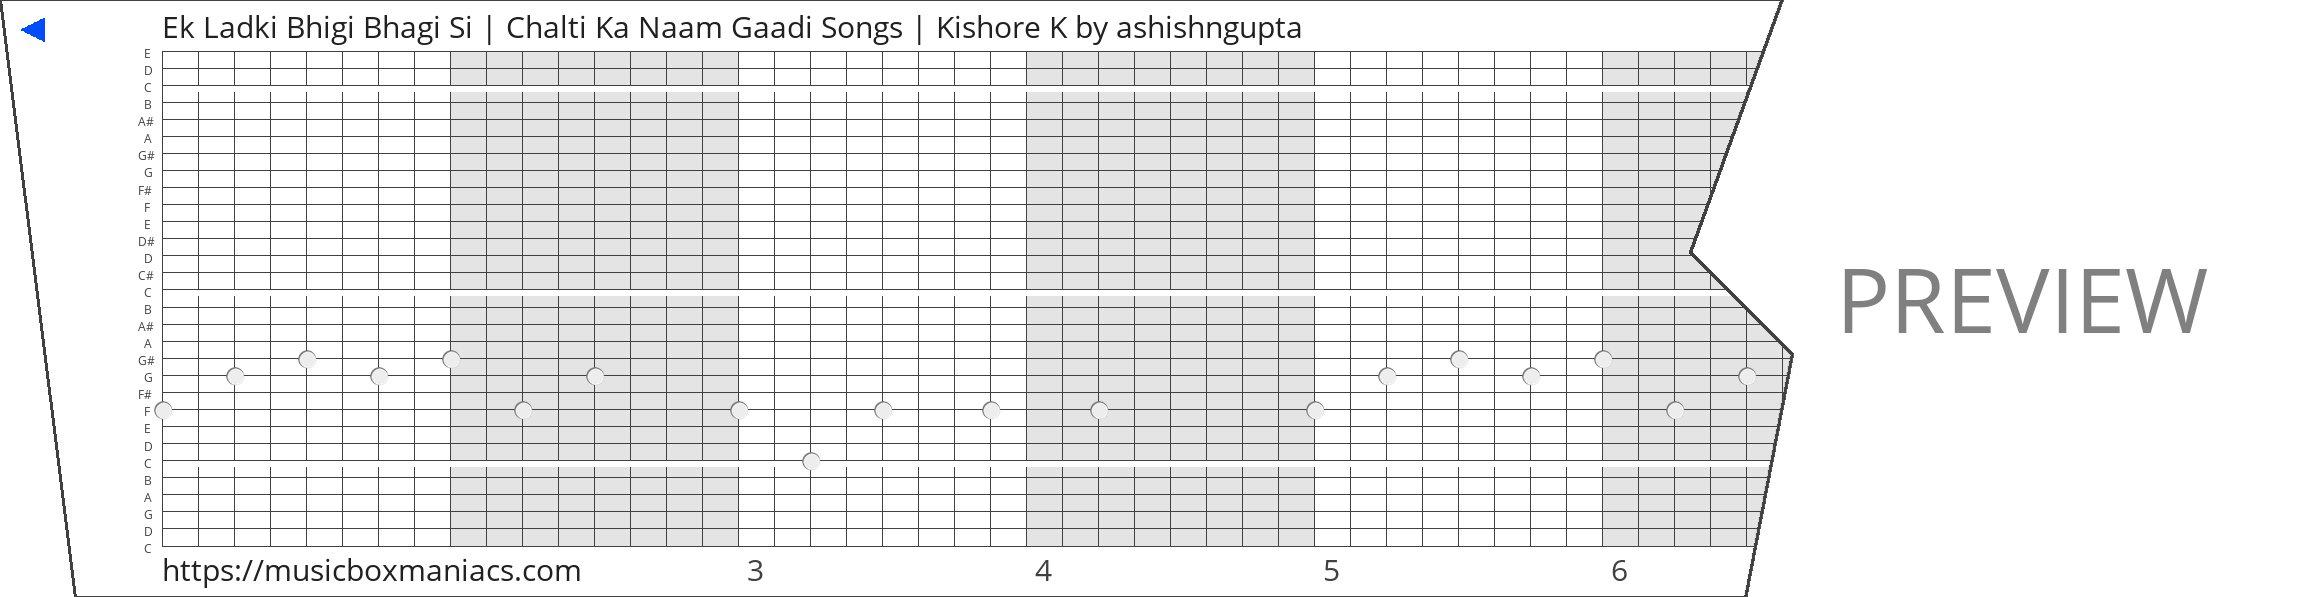 Ek Ladki Bhigi Bhagi Si   Chalti Ka Naam Gaadi Songs   Kishore K 30 note music box paper strip